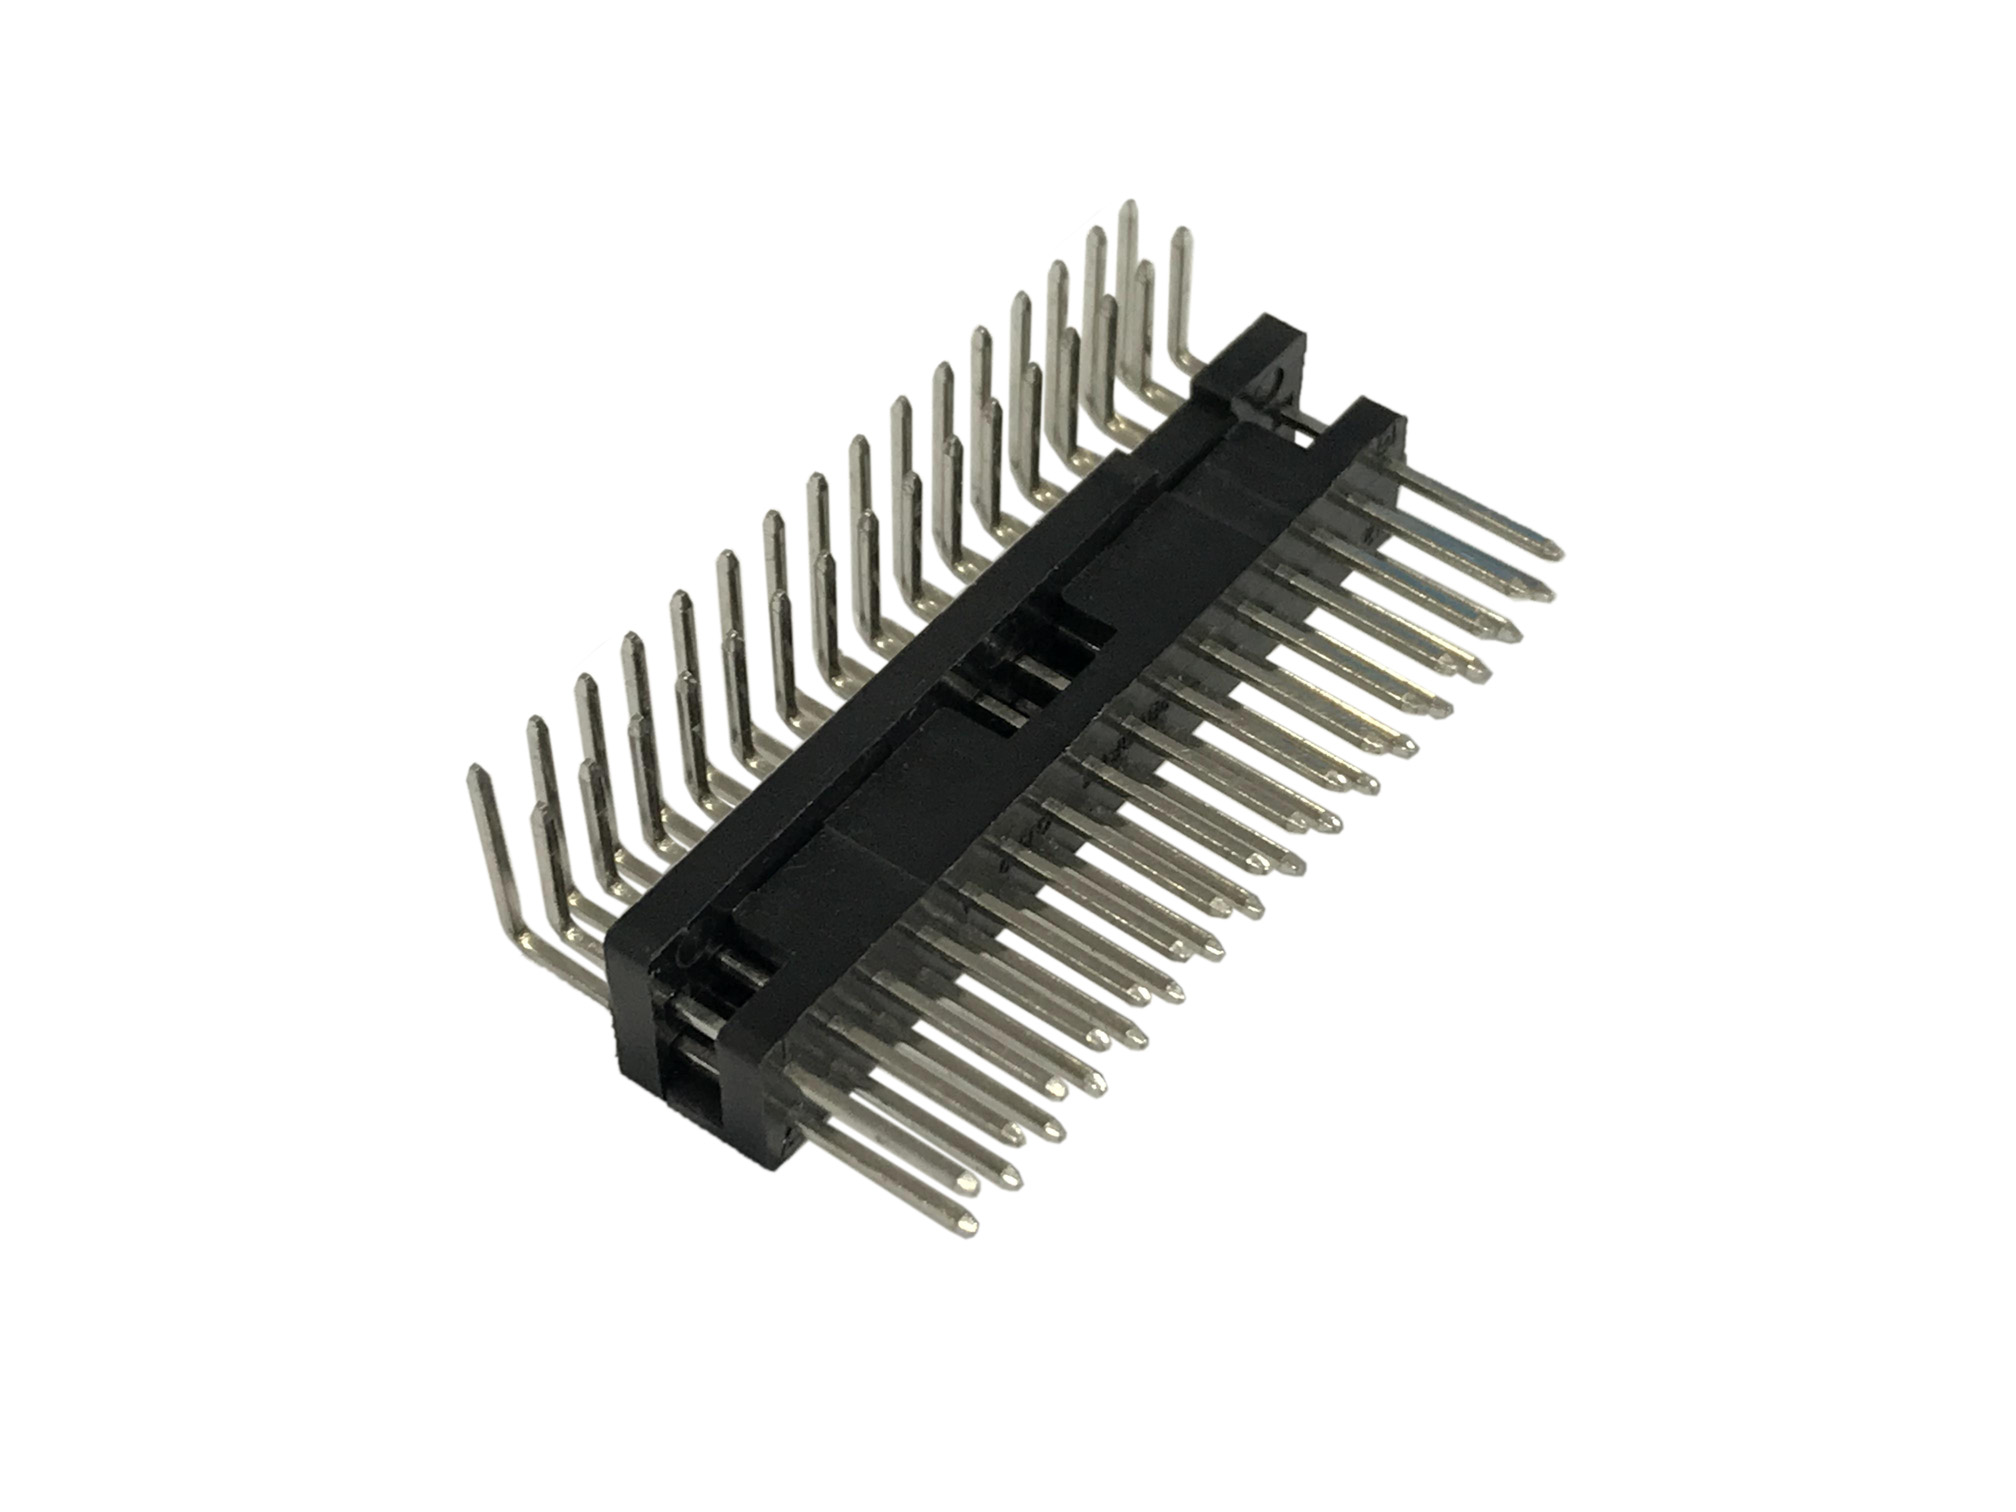 QJ569 32芯排针组合